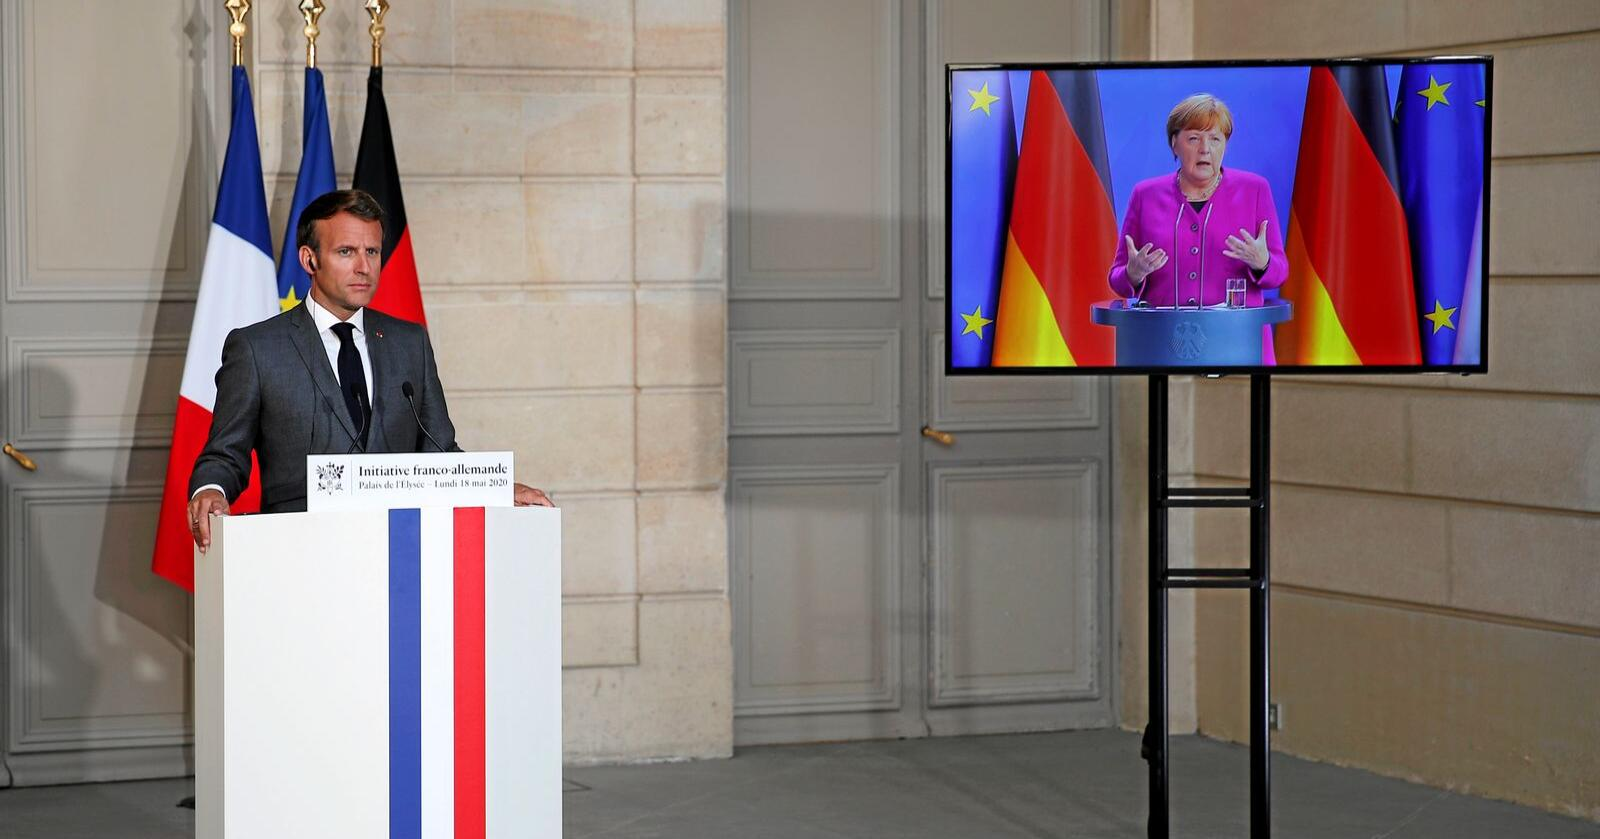 Mot finansunion: Emmanuel Macron og forbundskansler Angela Merkel er enige om en koronakrisepakke på totalt 1000 milliarder euro. Foto: Francois Mori / AP / NTB scanpix